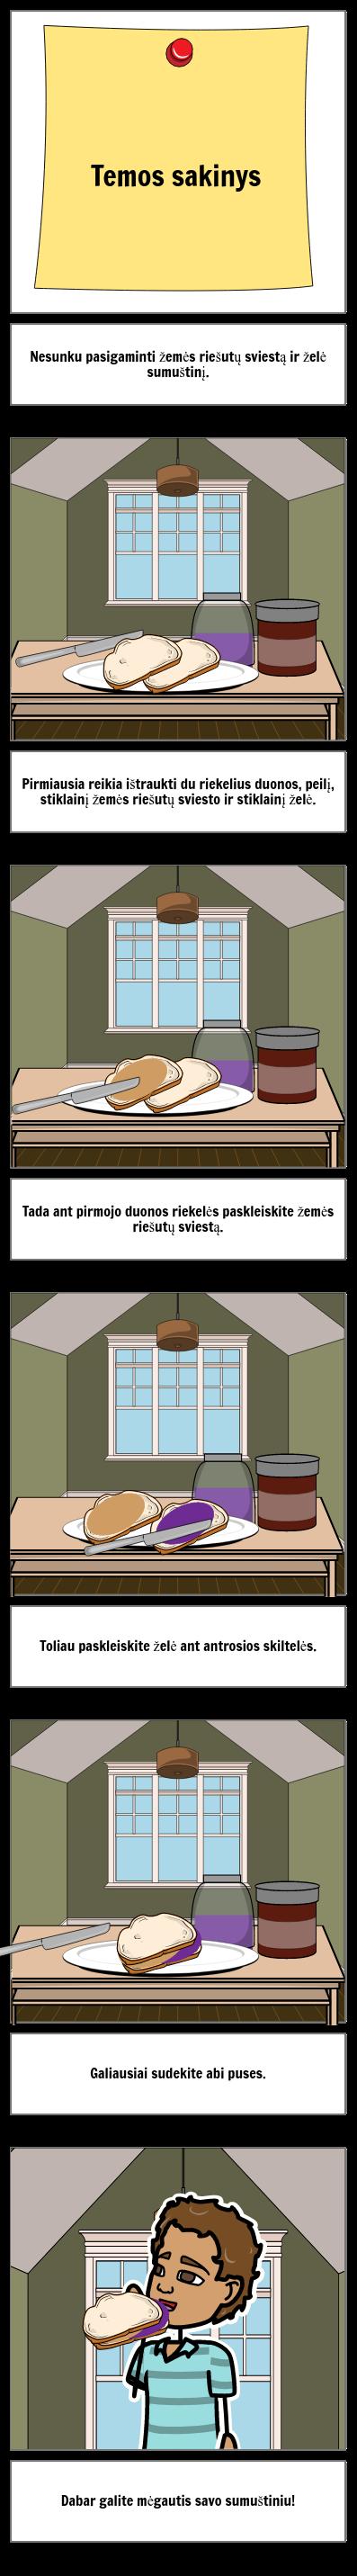 Proceso Dalis